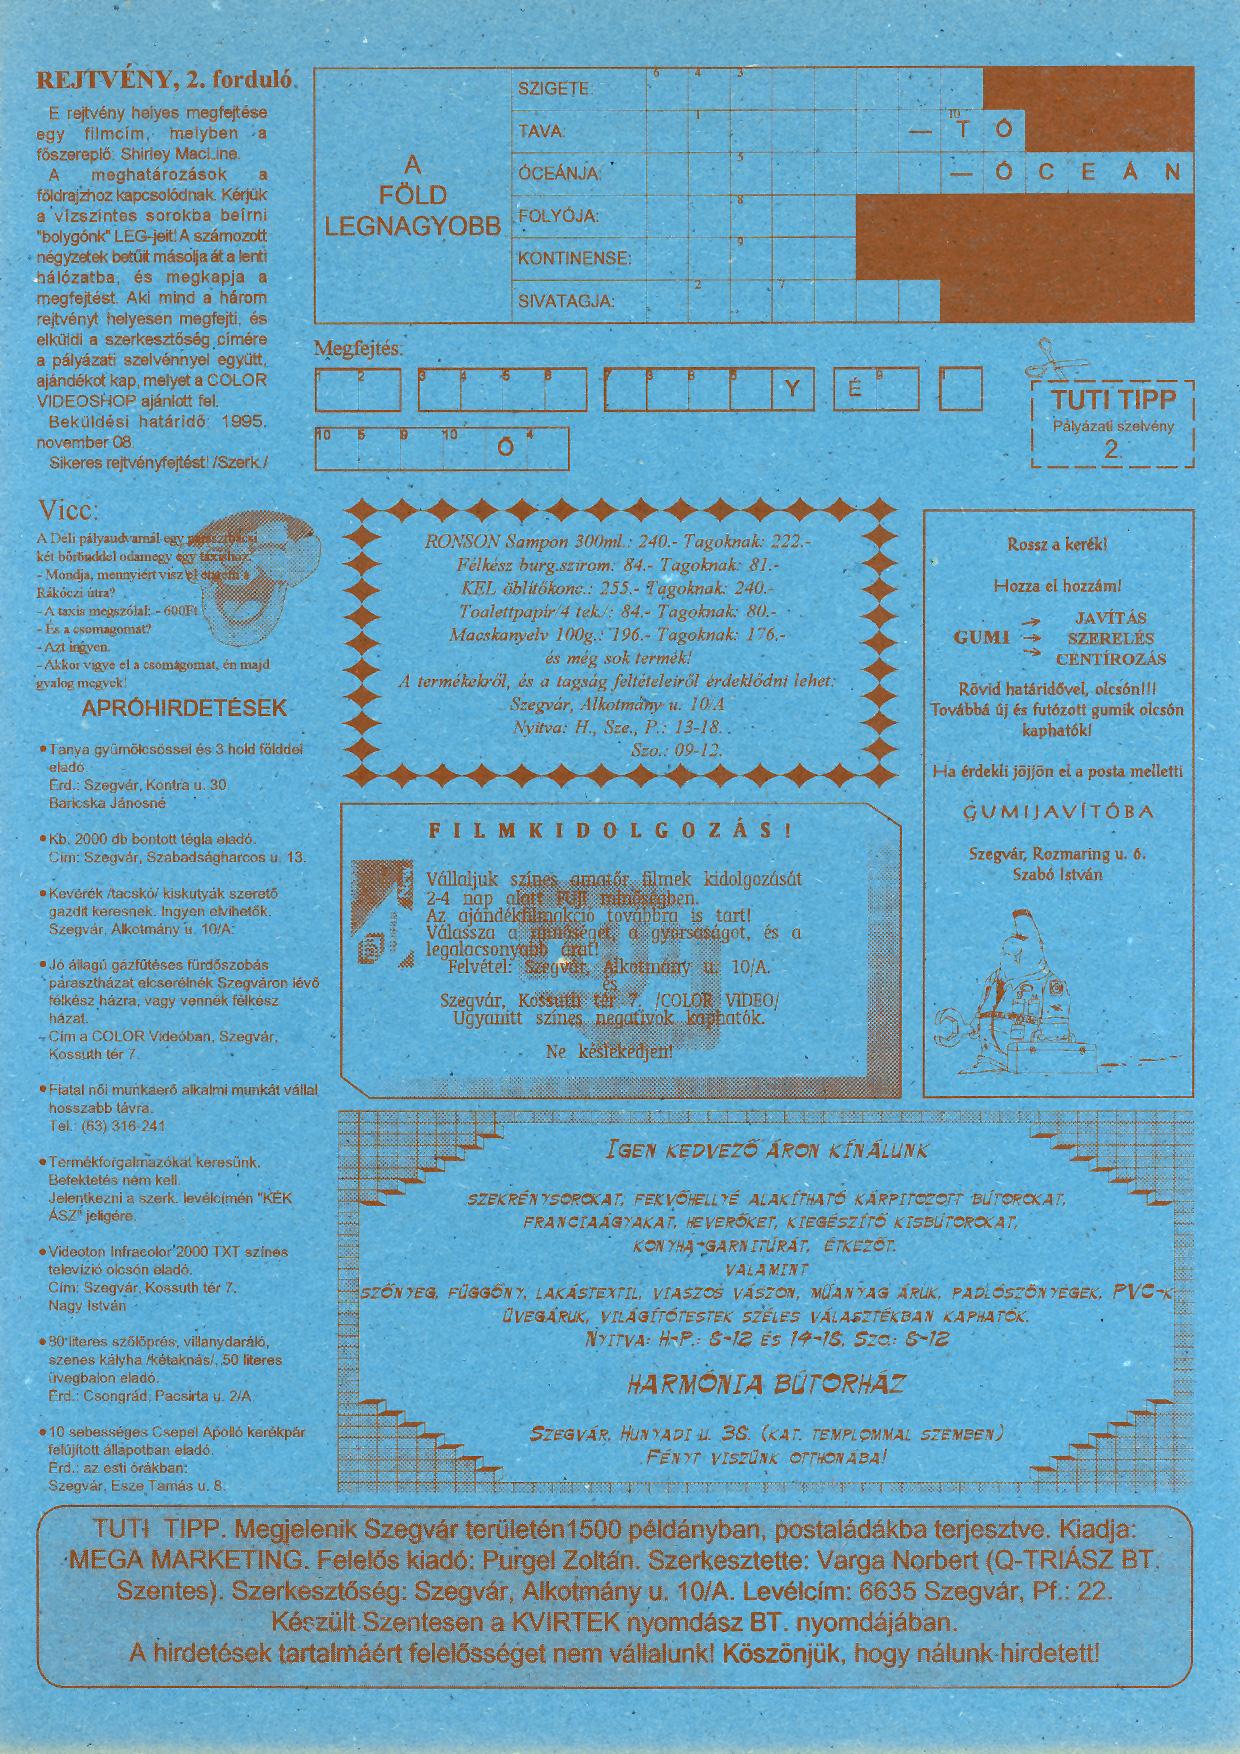 012 Tuti Tipp reklámújság - 19951014-005. lapszám -2.oldal - I. évfolyam.jpg